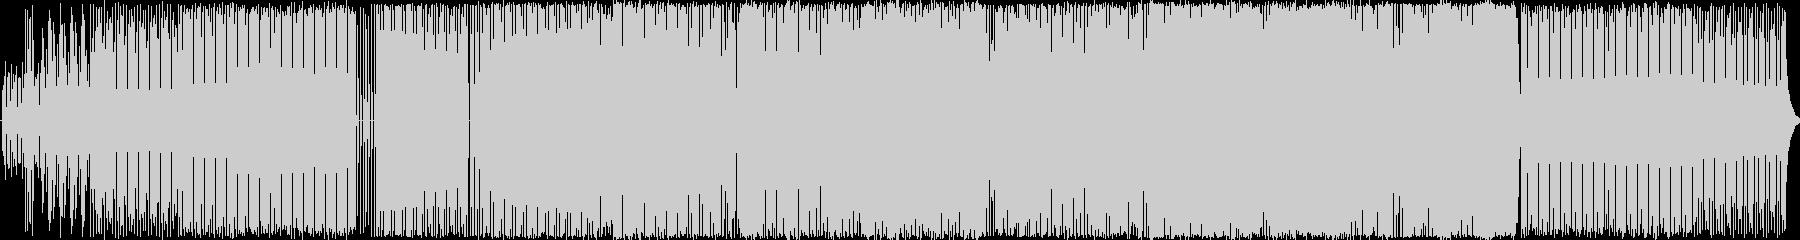 シンセサウンドのダンスBGMの未再生の波形